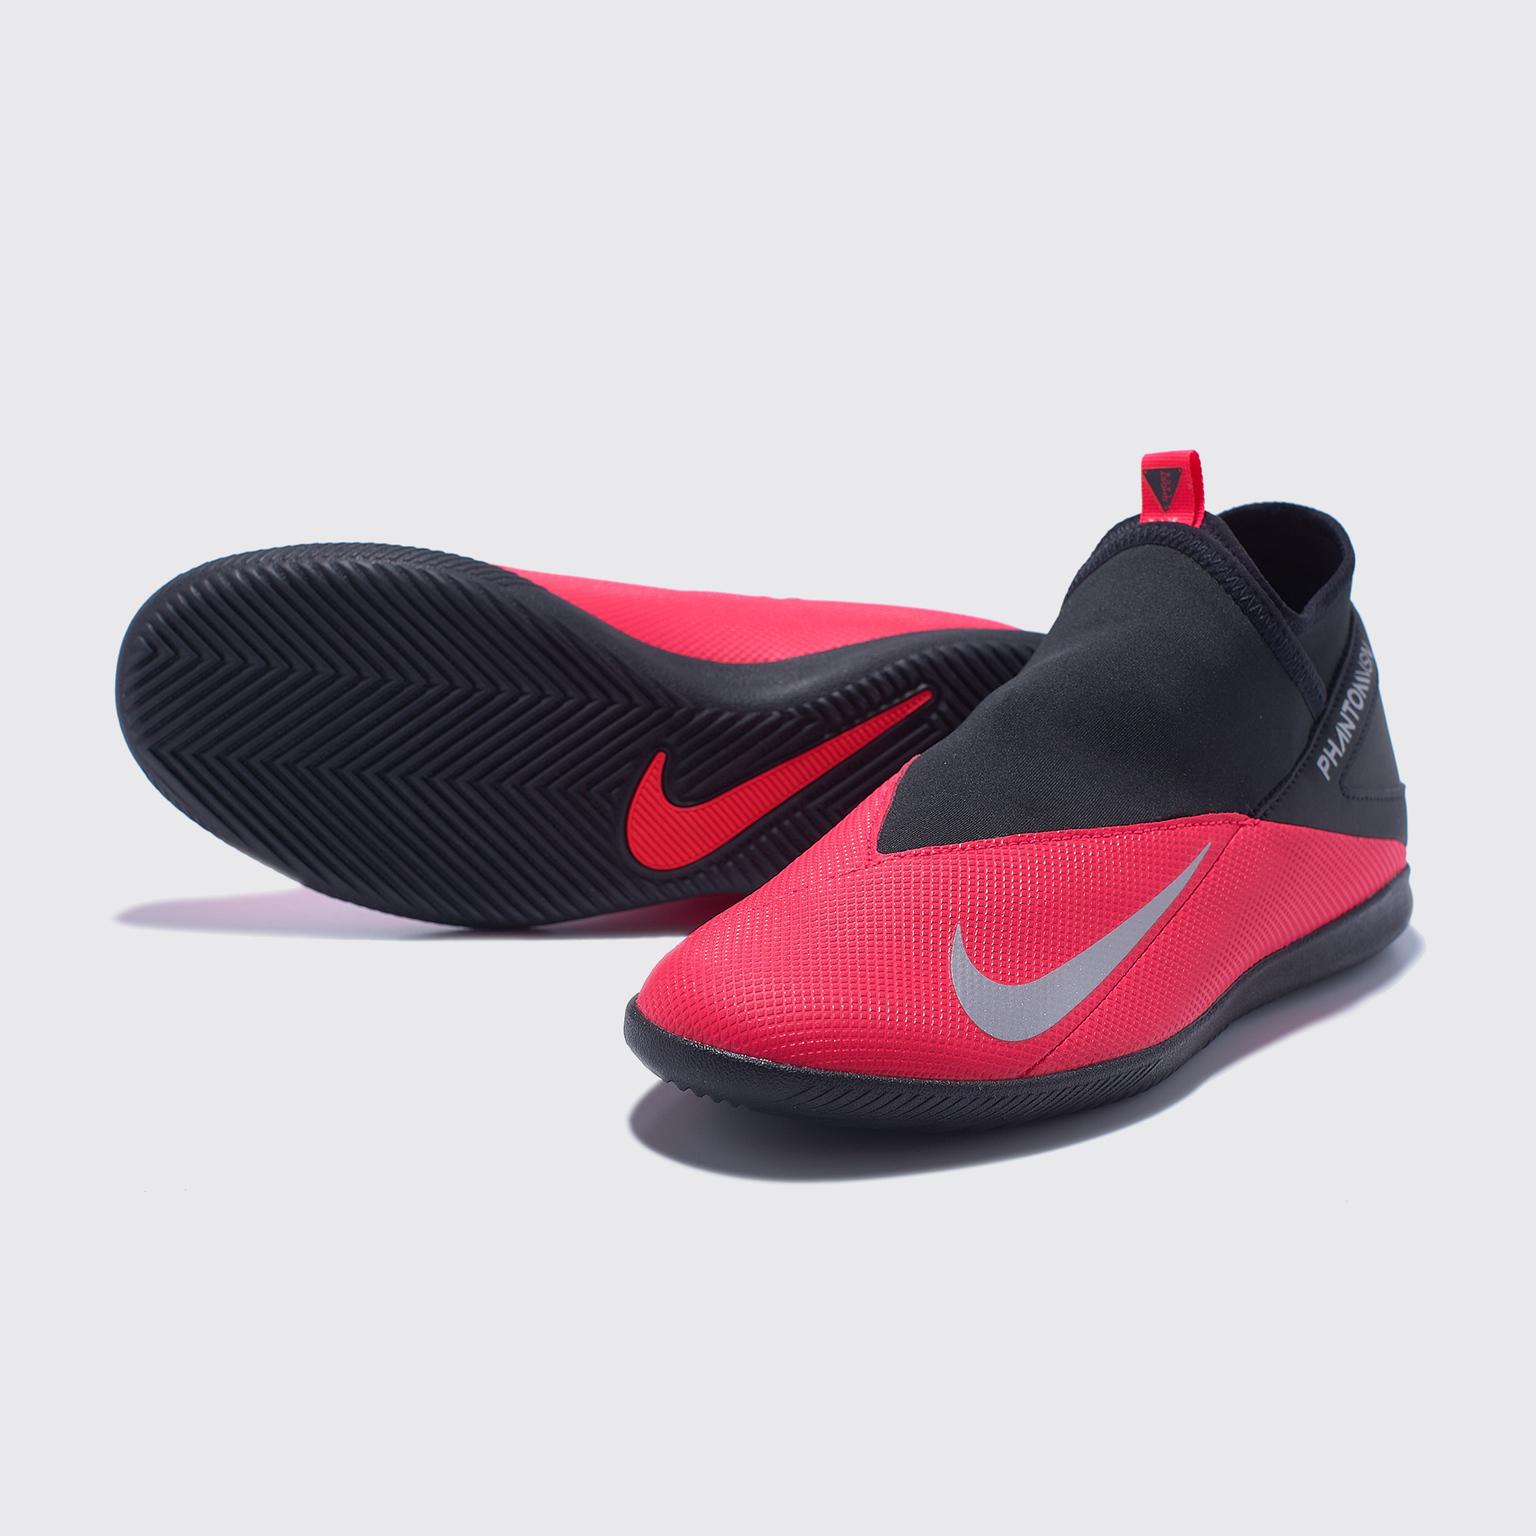 Футзалки Nike Phantom Vision 2 Club DF IC CD4169-606